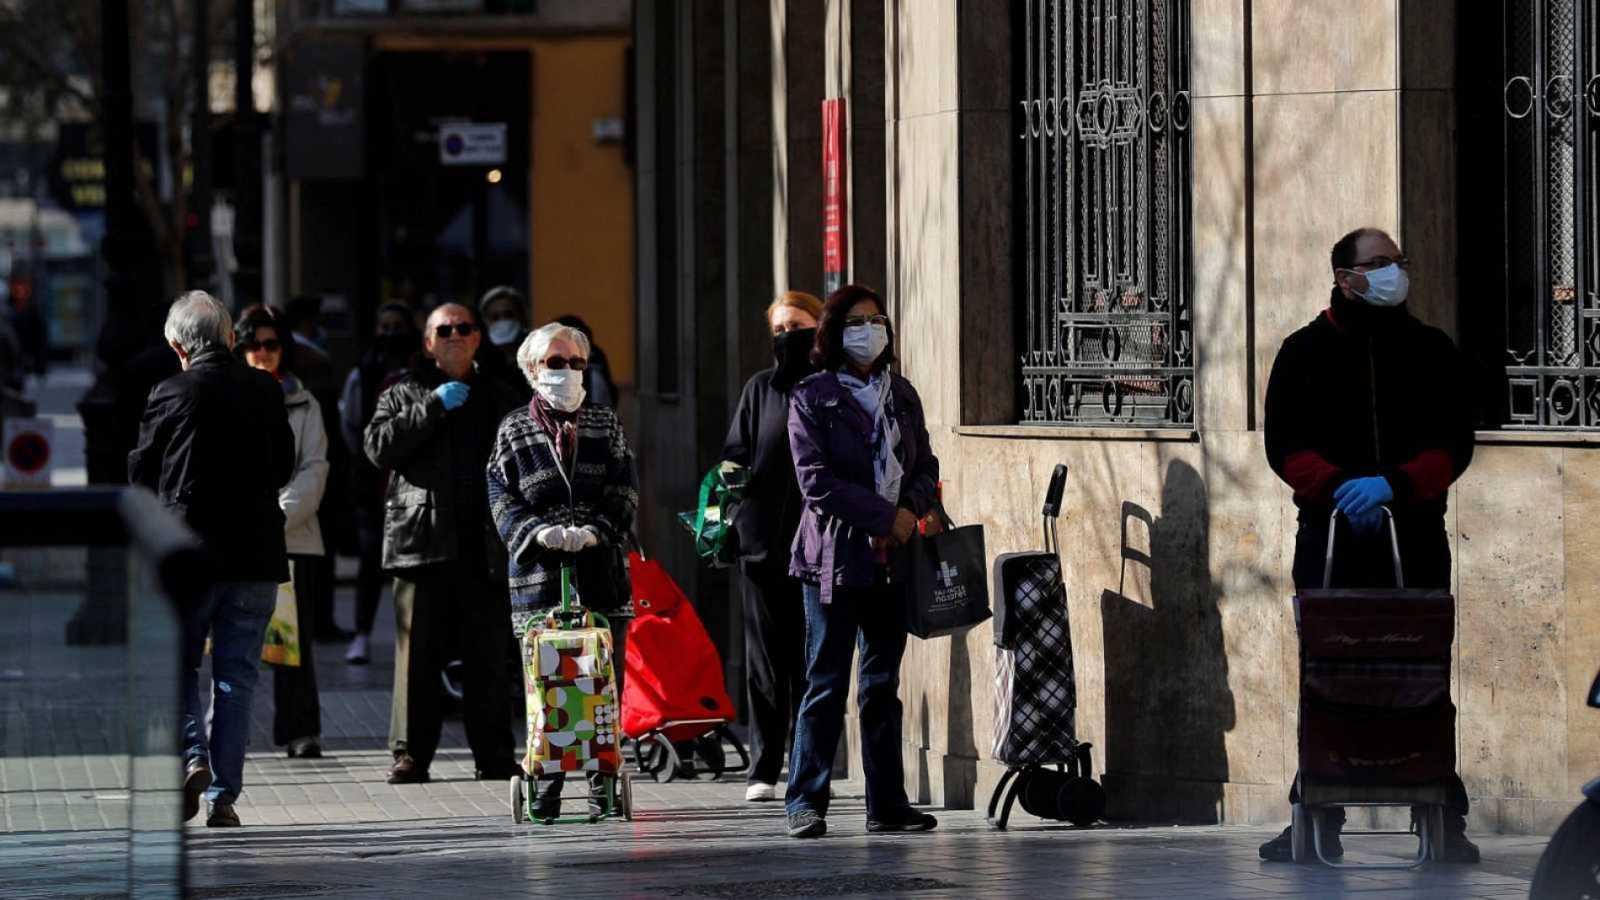 Colas a la entrada de los supermercados debido a las medidas de seguridad implantadas por el coronavirus